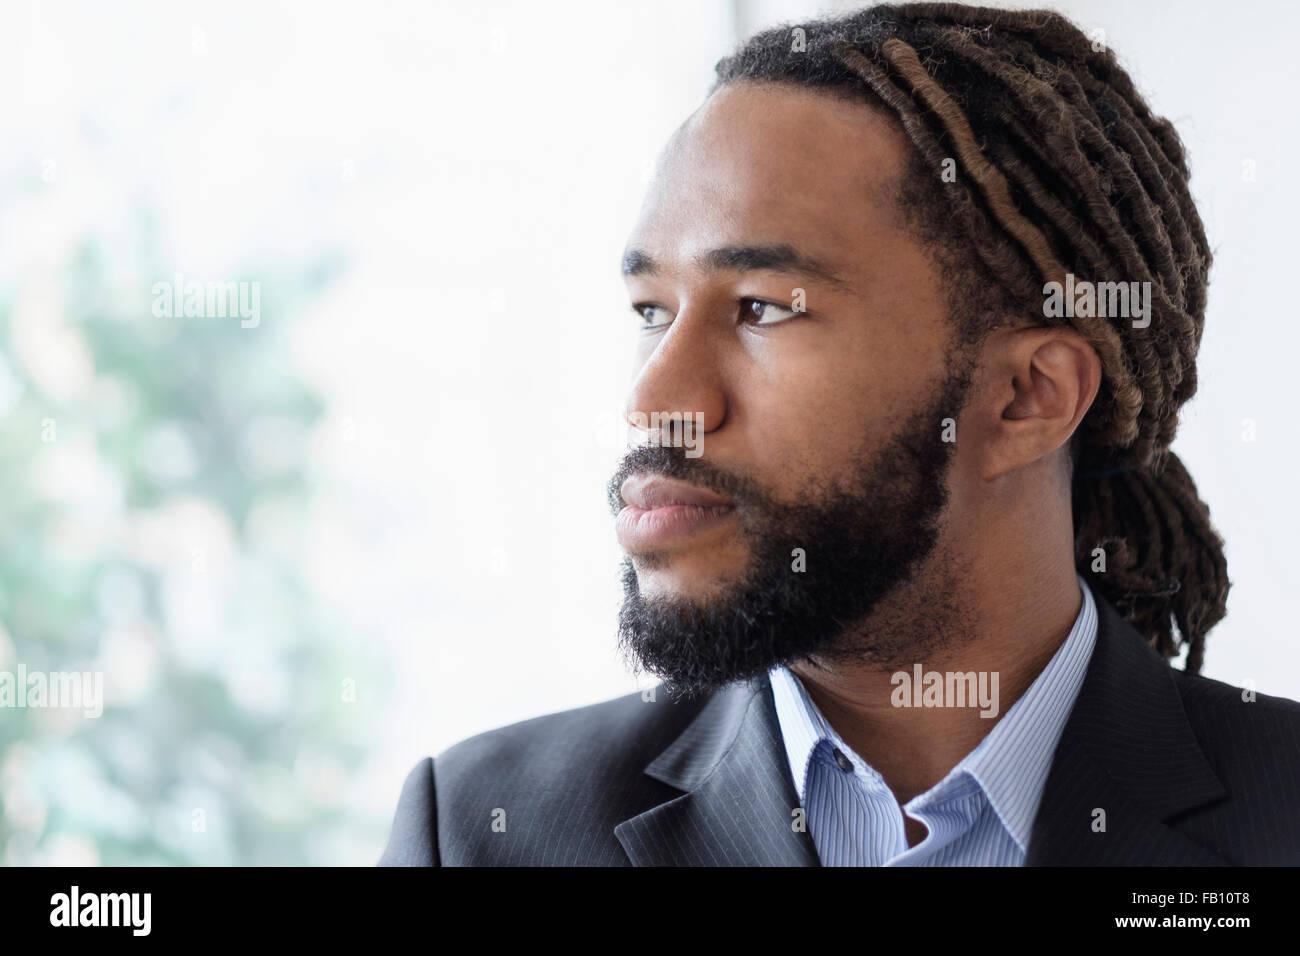 Ritratto di imprenditore tuta da indossare Immagini Stock